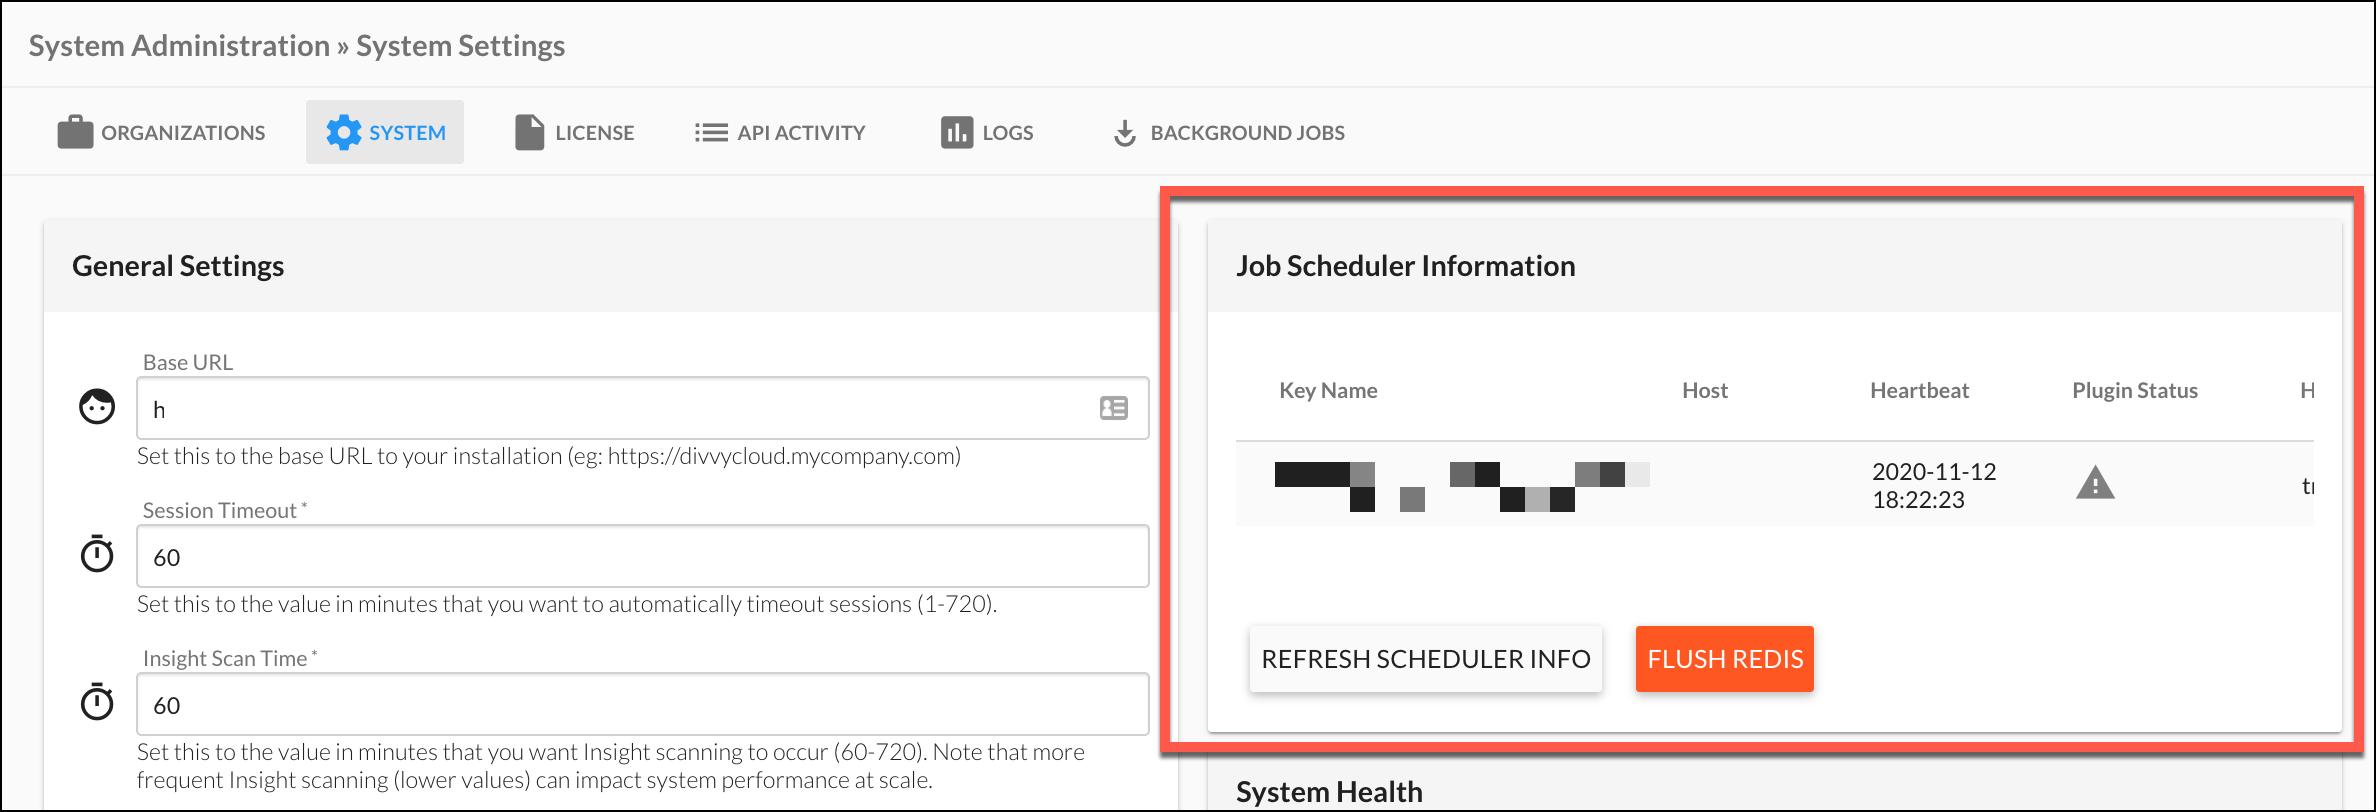 System - Job Scheduler Information